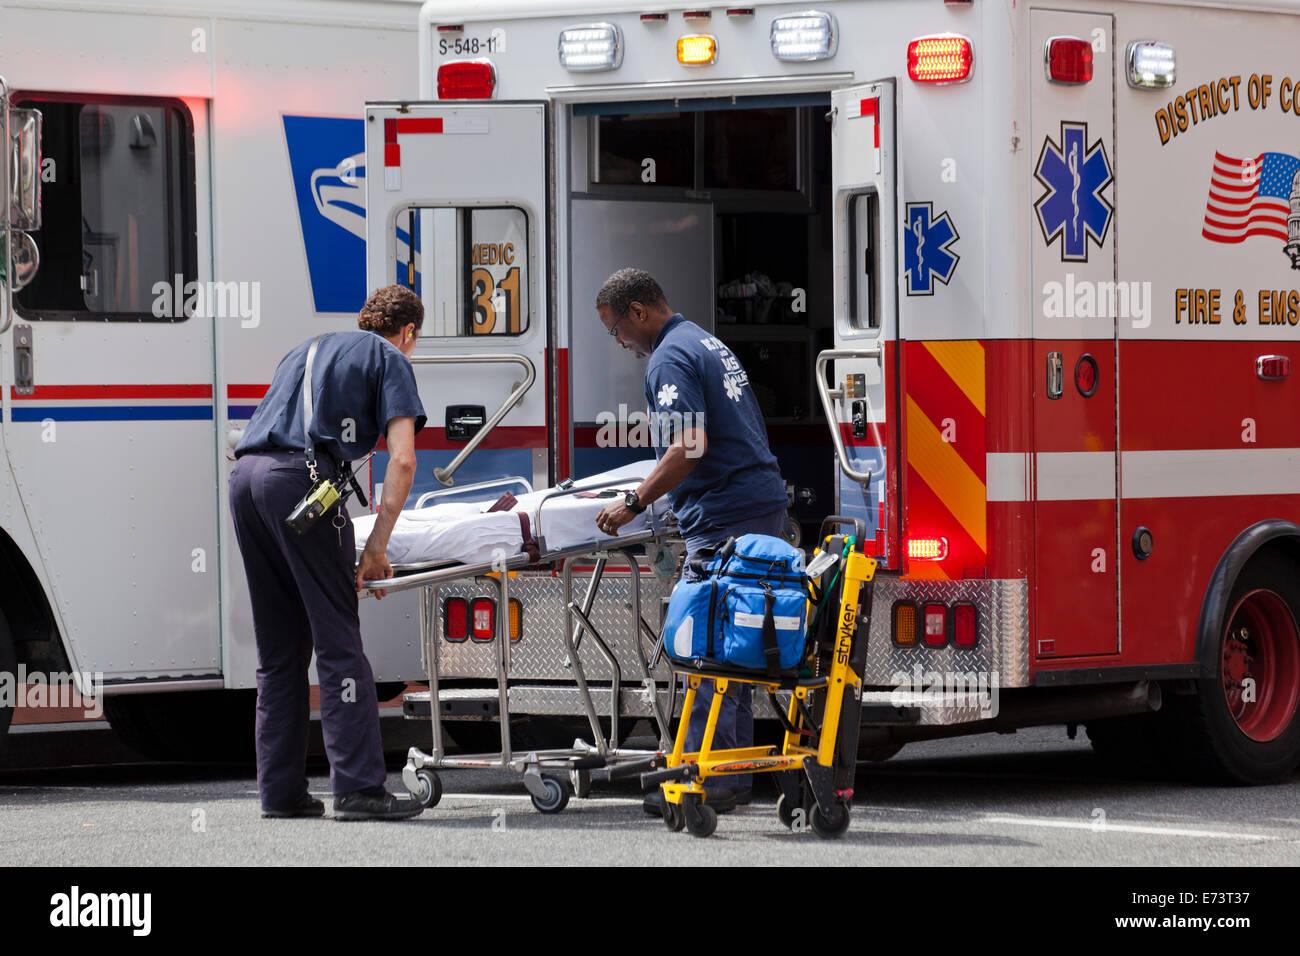 EMTs loading stretcher on EMS ambulance - Washington, DC USA Stock Photo